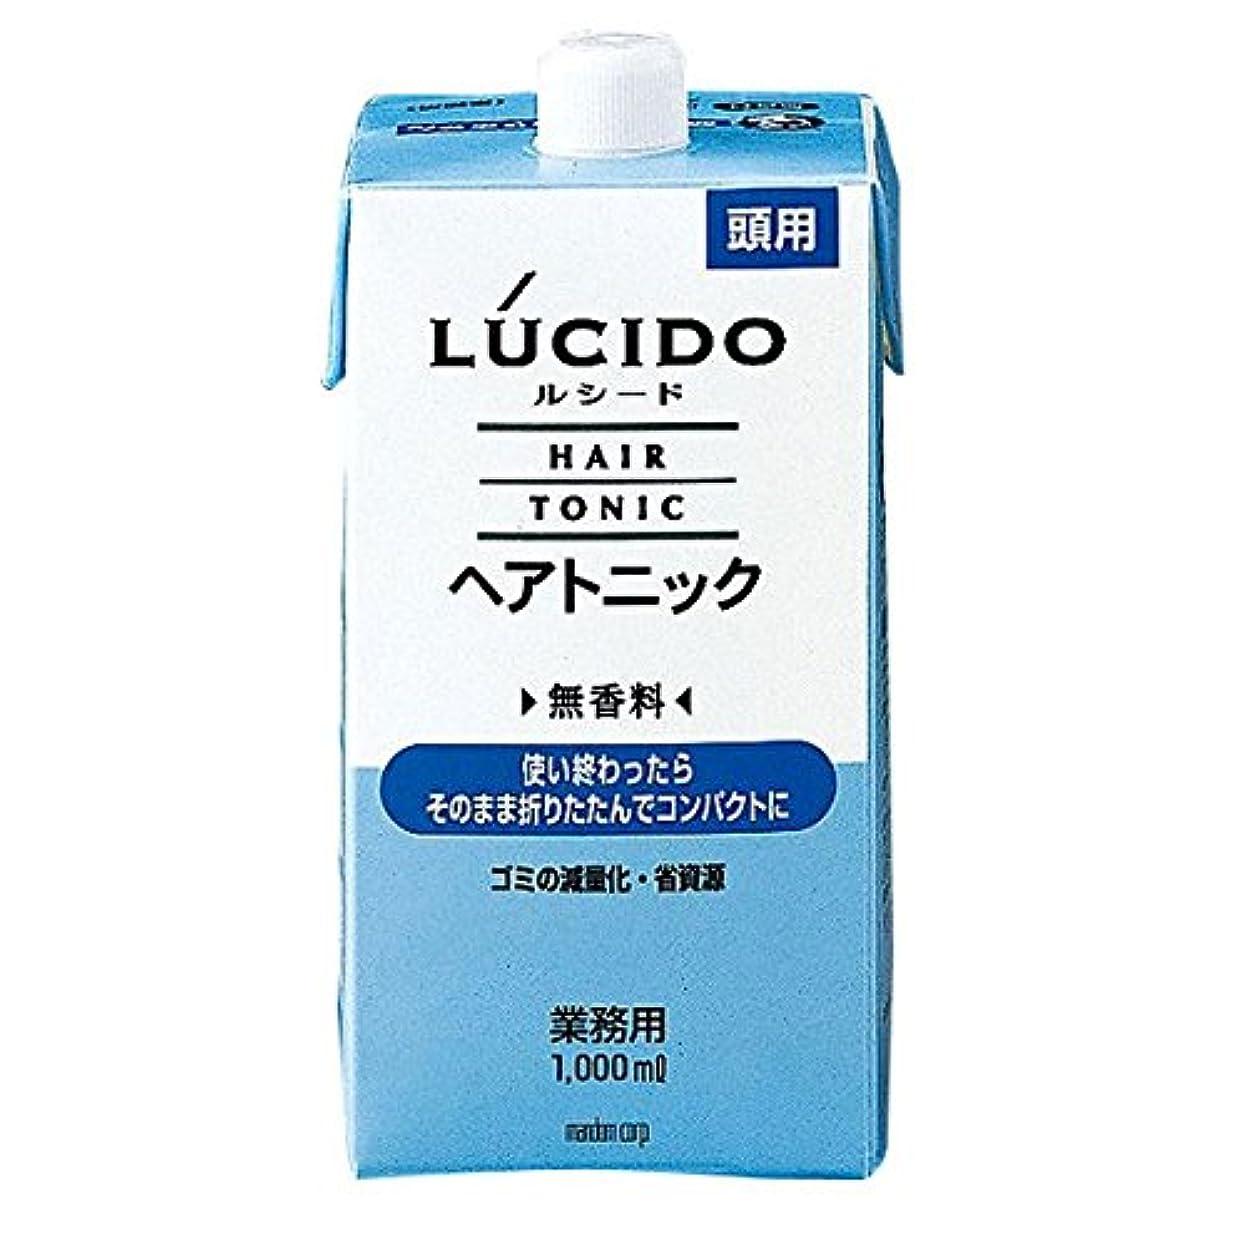 アーク乱暴なお祝いマンダム LUCID (ルシード) ヘアトニック 1000ml